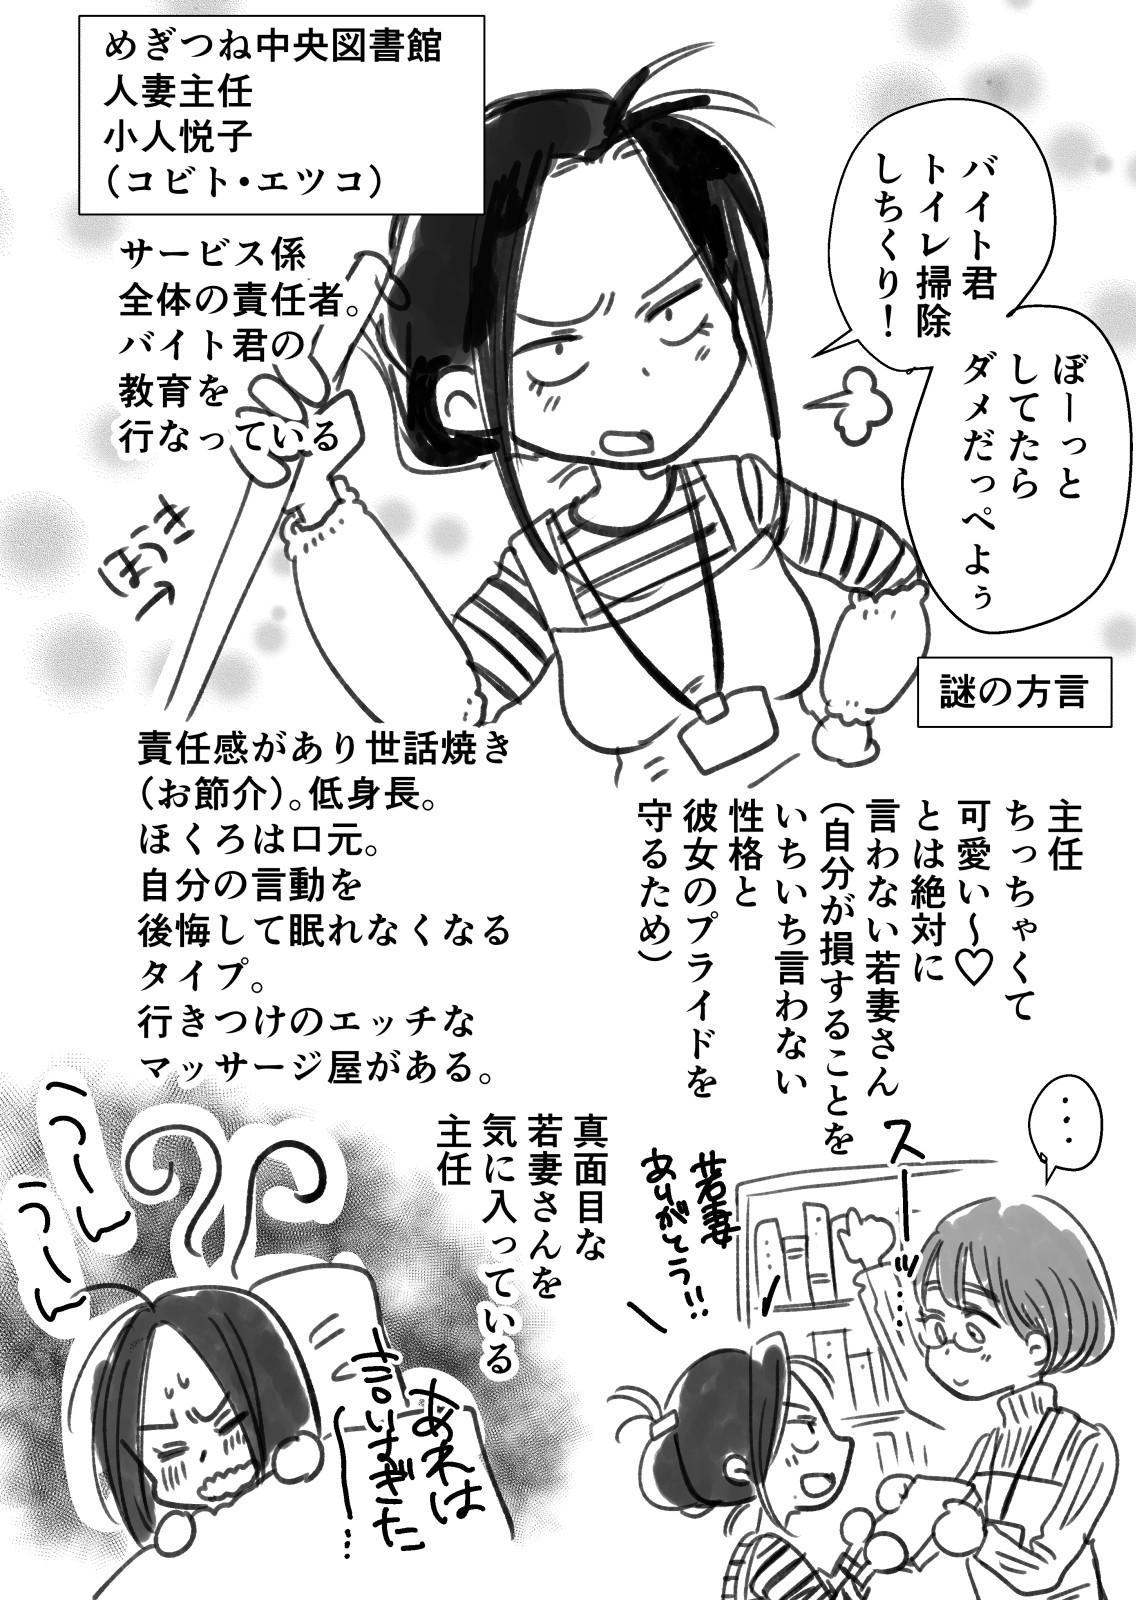 [Megitsune Works] Wakazuma-san wa Yokkyuu Fuman! Akogare no Shisho no Wakazuma-san ga Gakusei Beit no Boku no Fudeoroshi o Shite kuremashita. 78